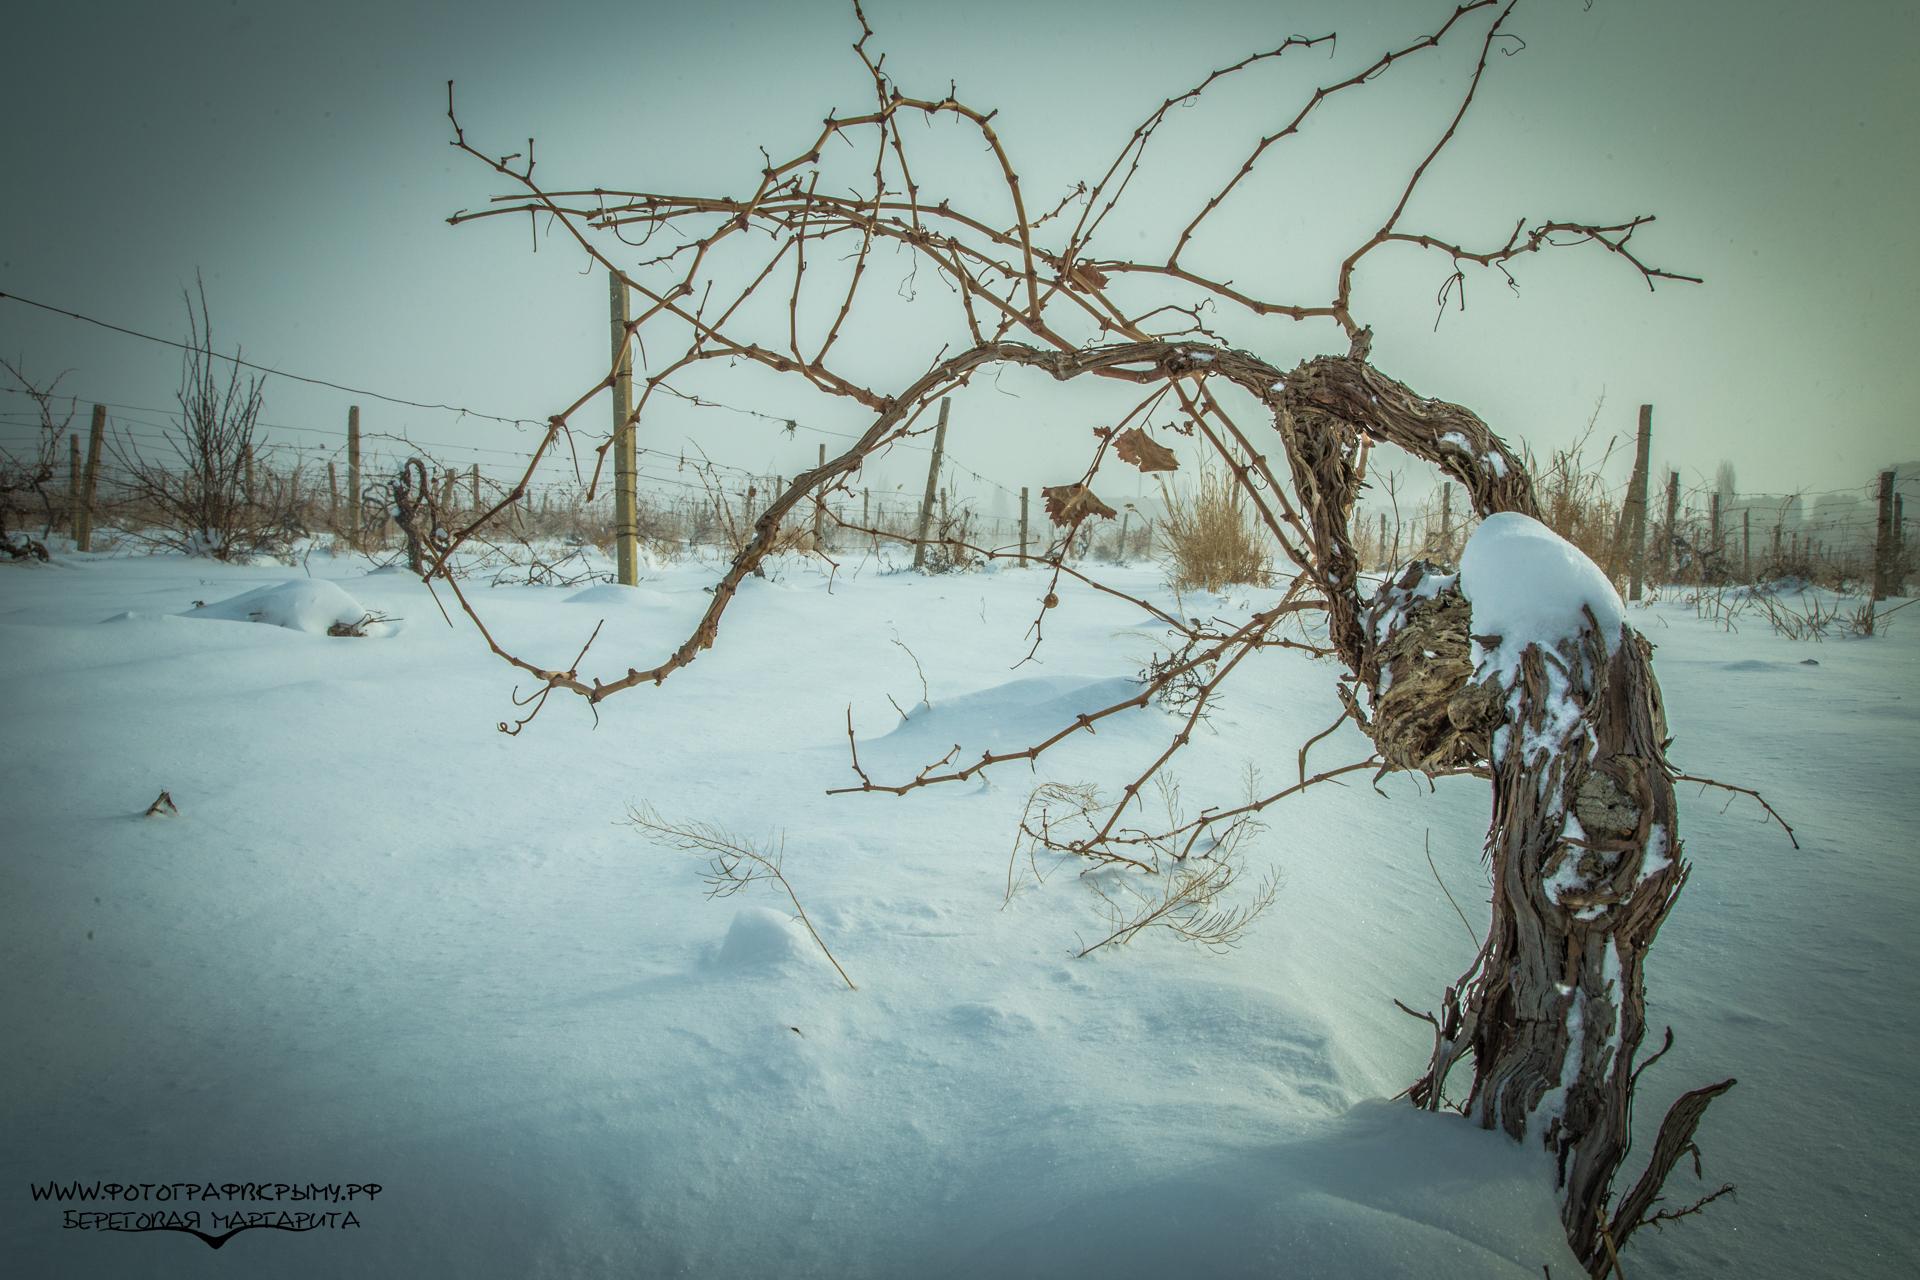 виноградная лоза зимой